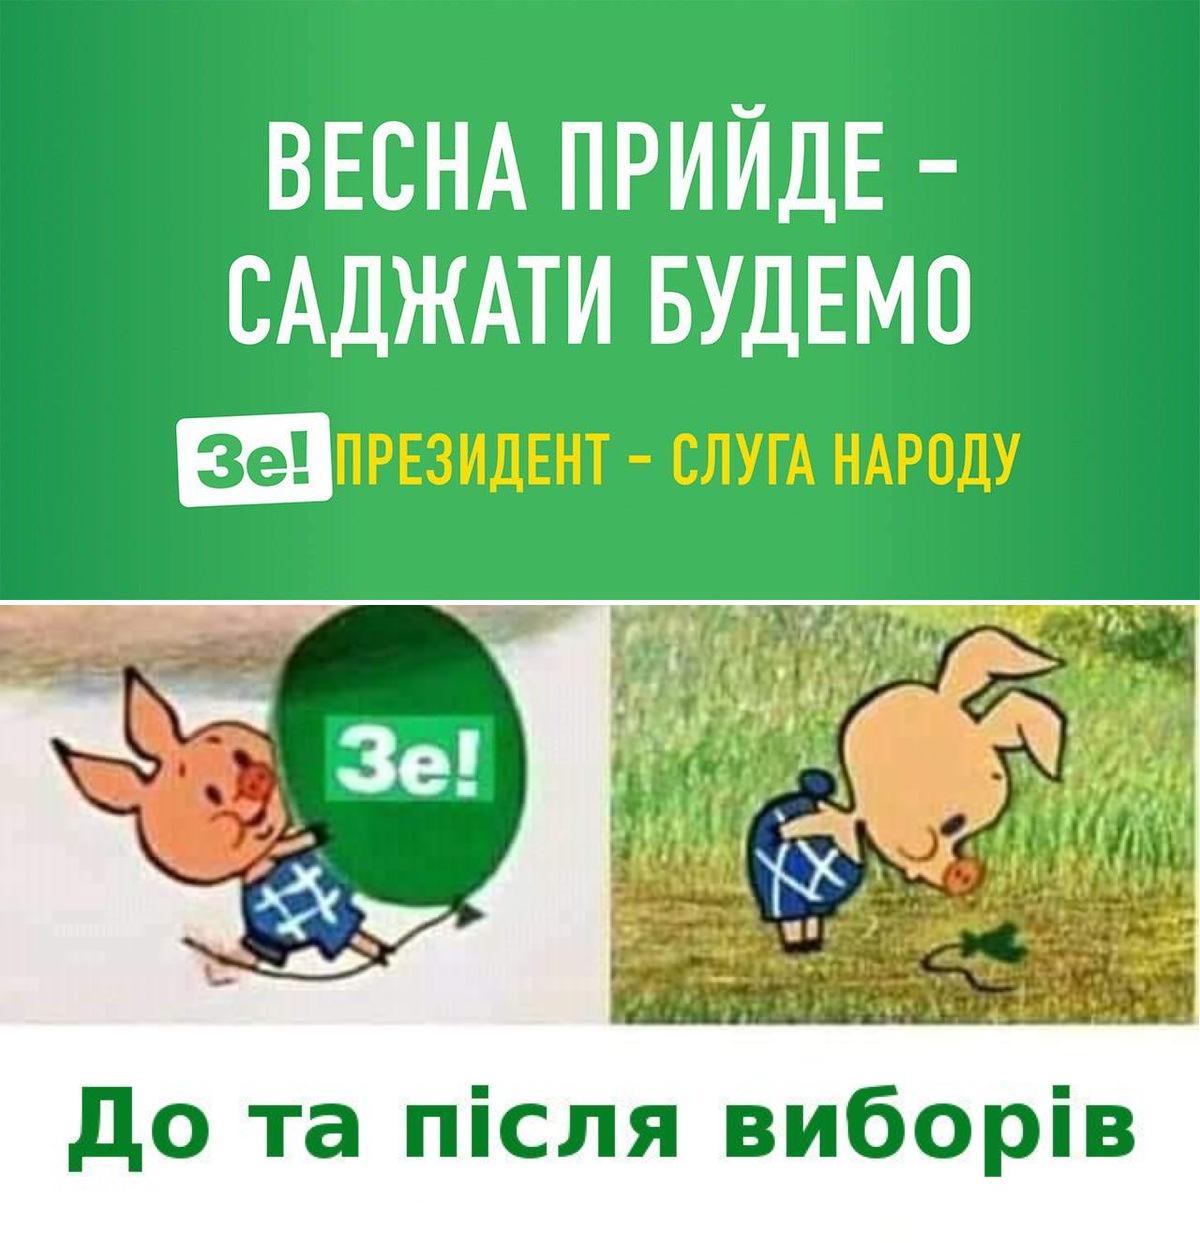 Зеленський запропонував люструвати всіх, хто був у владі останні 5 років - Цензор.НЕТ 955